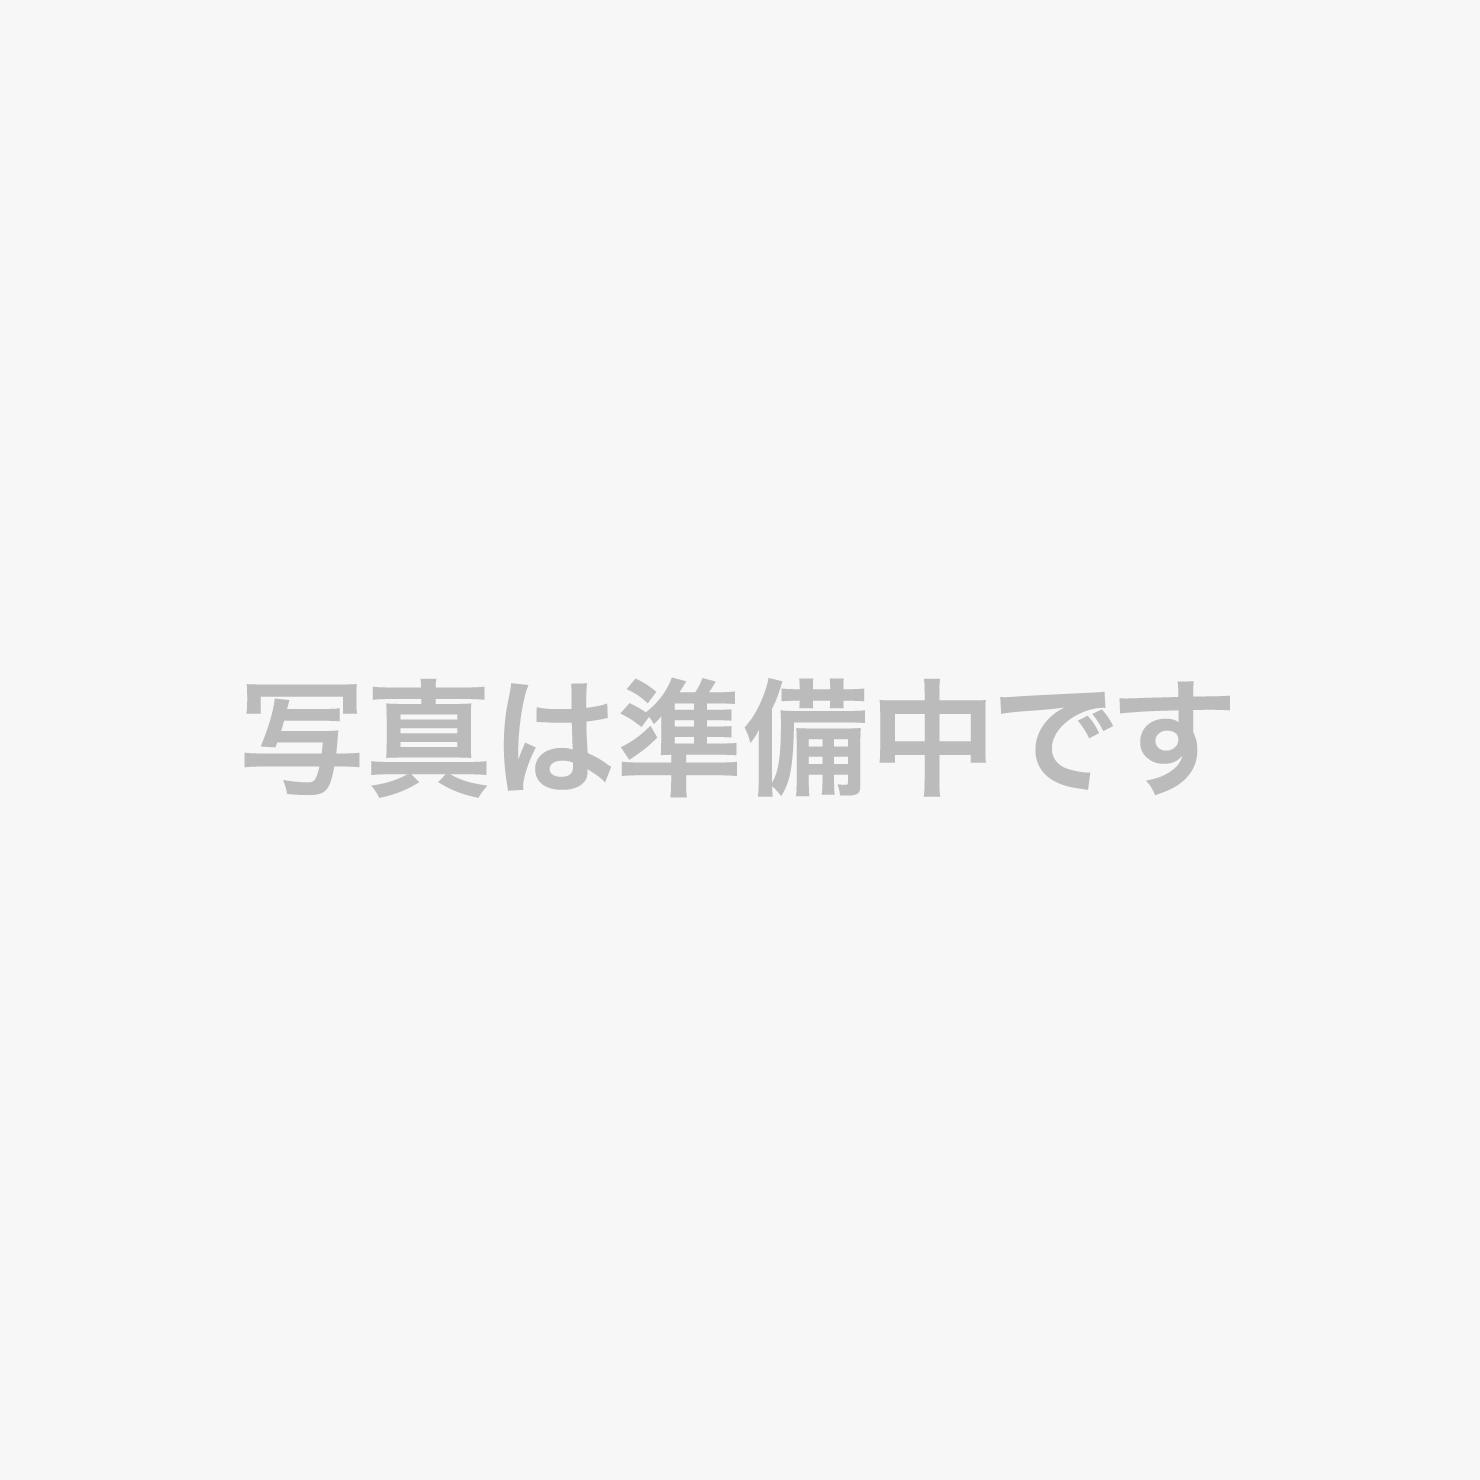 栃木県産那須塩原産の食材を使った自慢の会席料理